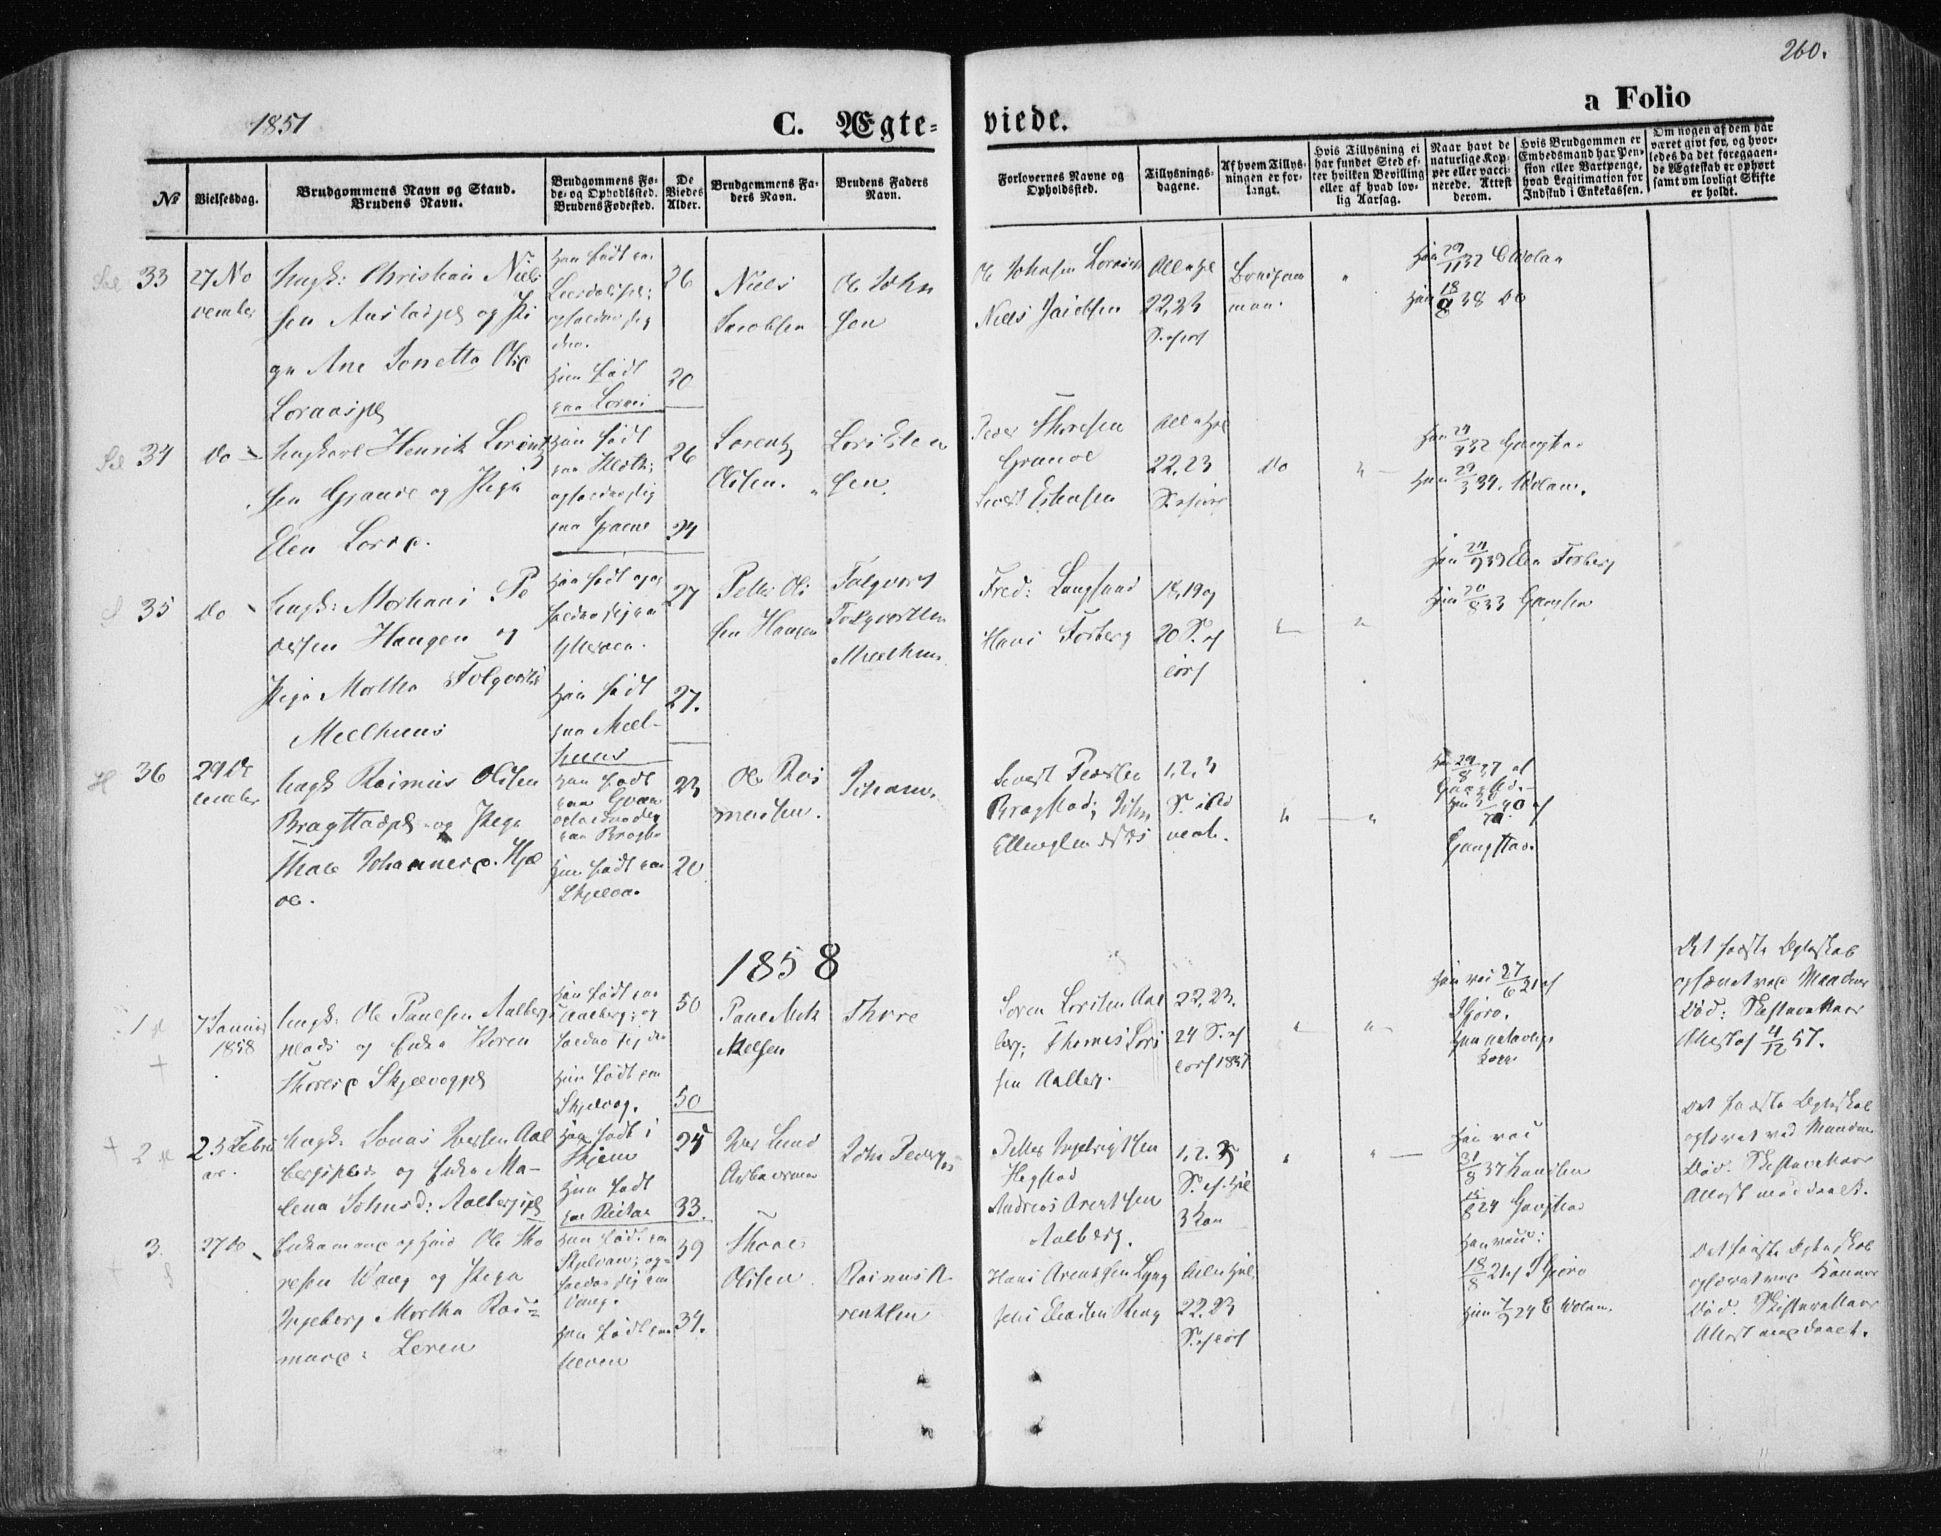 SAT, Ministerialprotokoller, klokkerbøker og fødselsregistre - Nord-Trøndelag, 730/L0283: Ministerialbok nr. 730A08, 1855-1865, s. 260